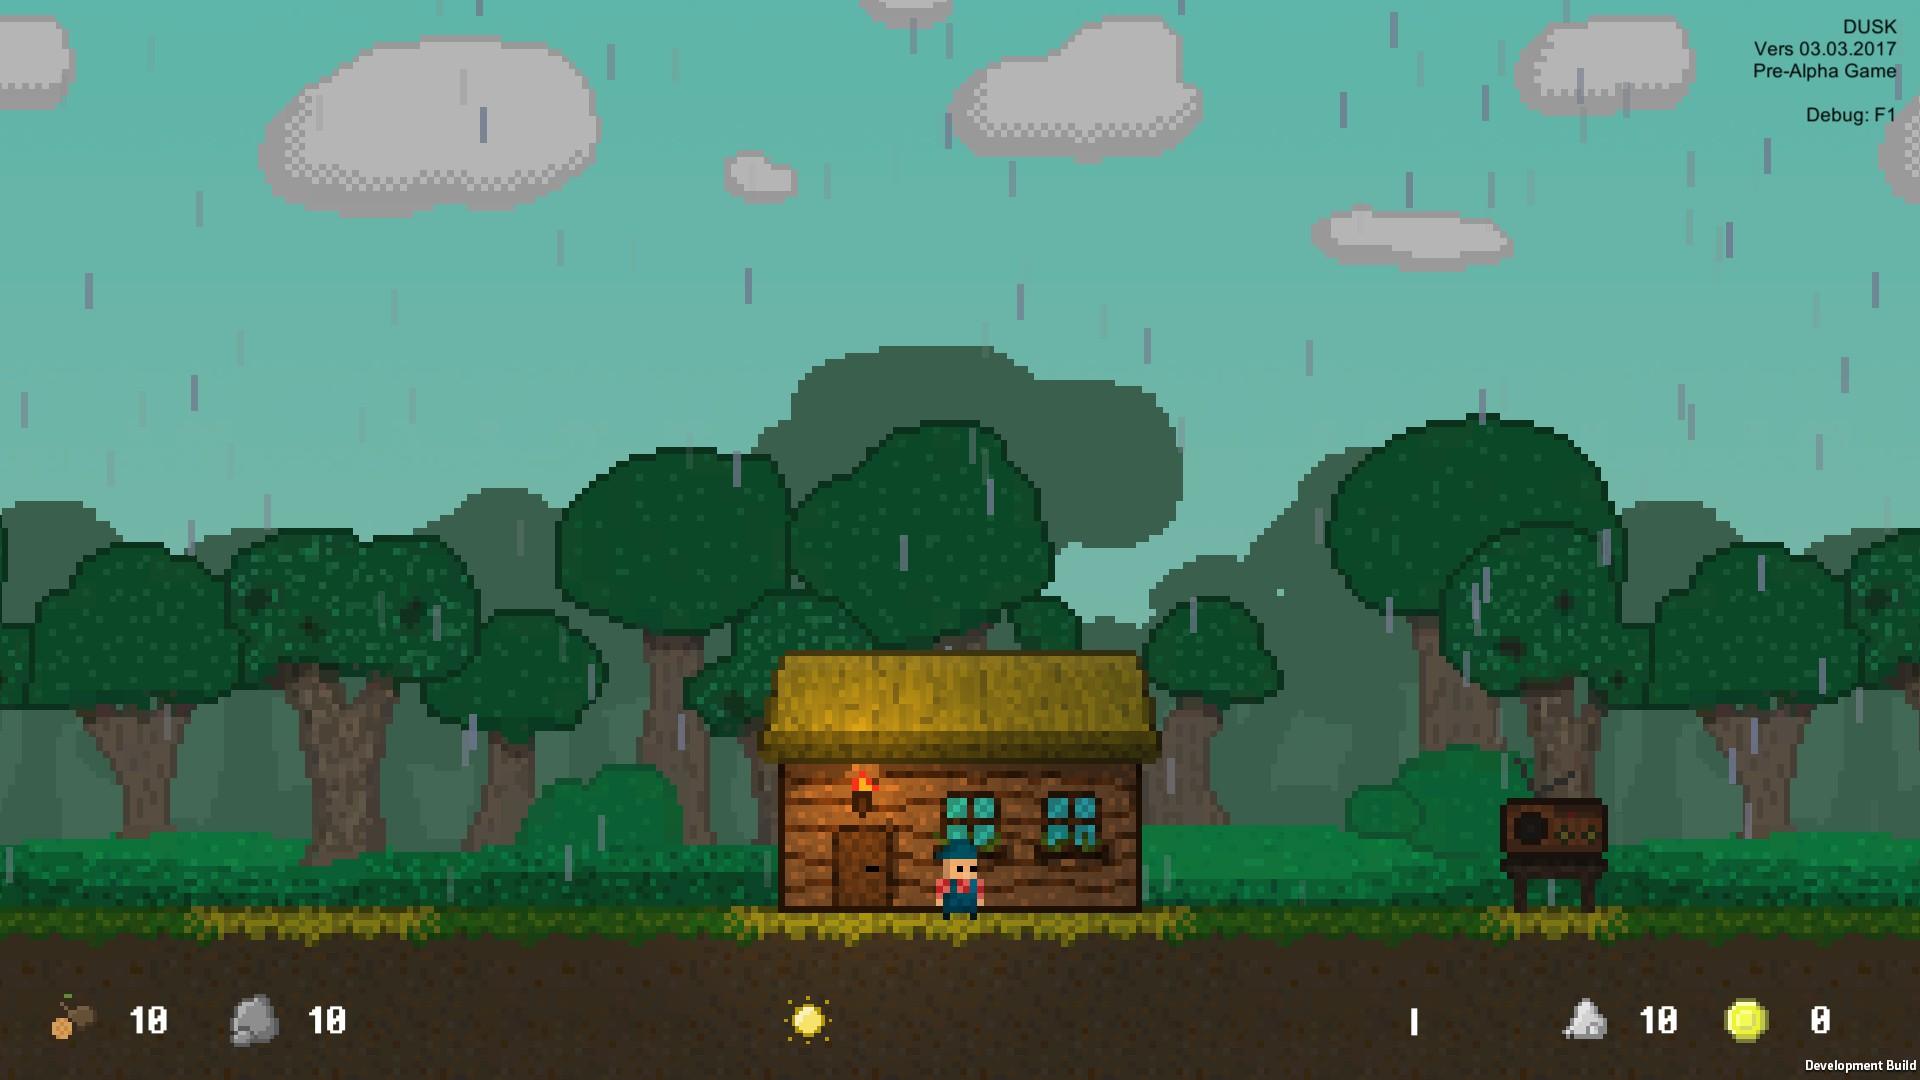 DUSK - Rain